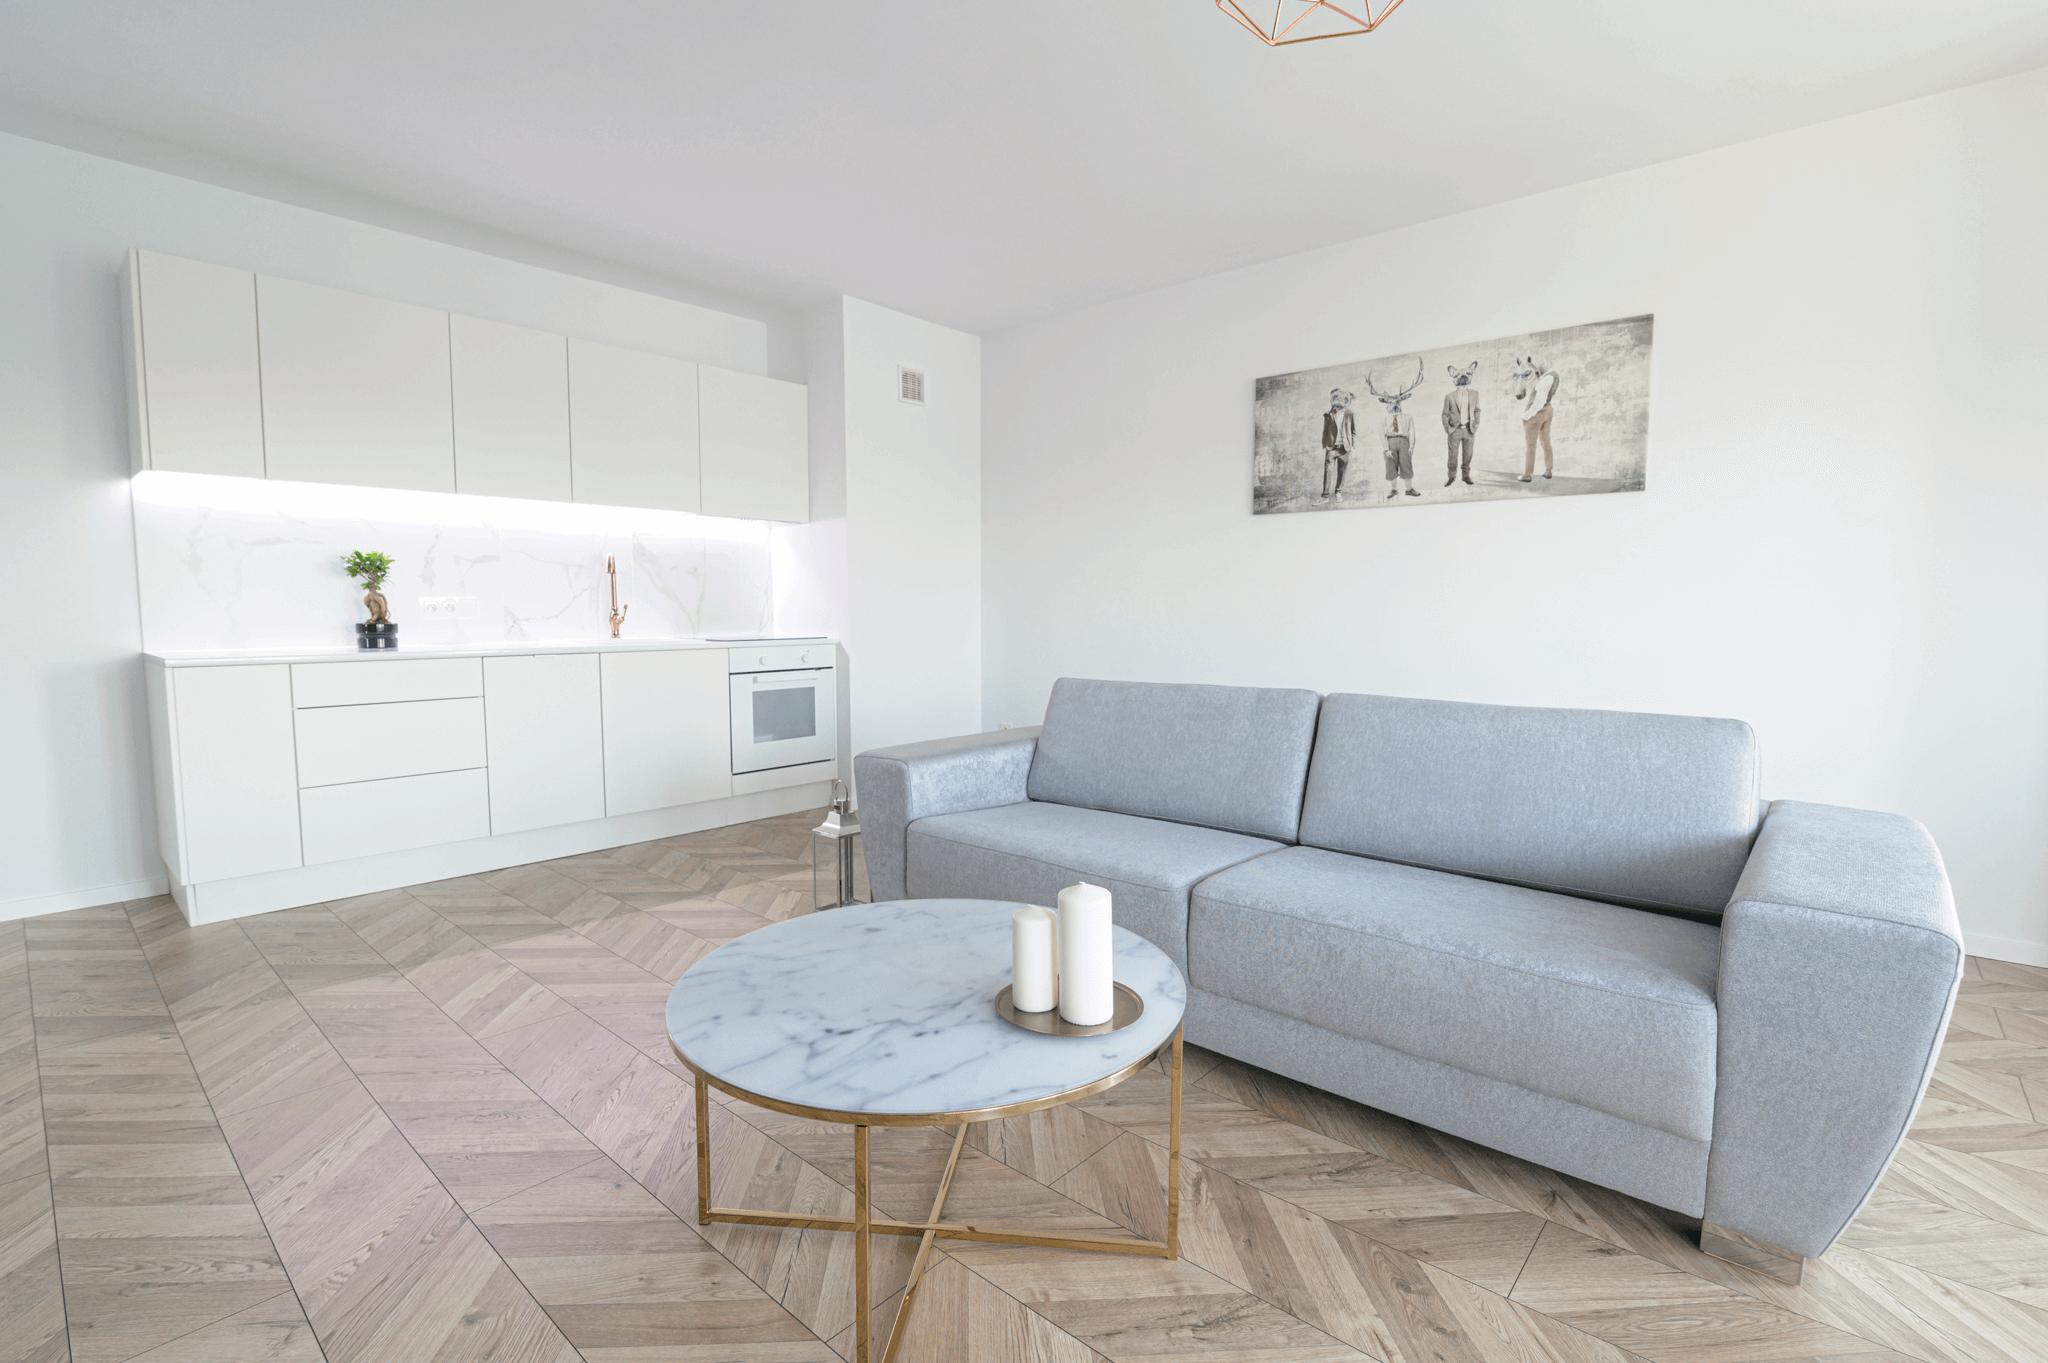 Mieszkanie Warszawska 149 70 m2 po remoncie